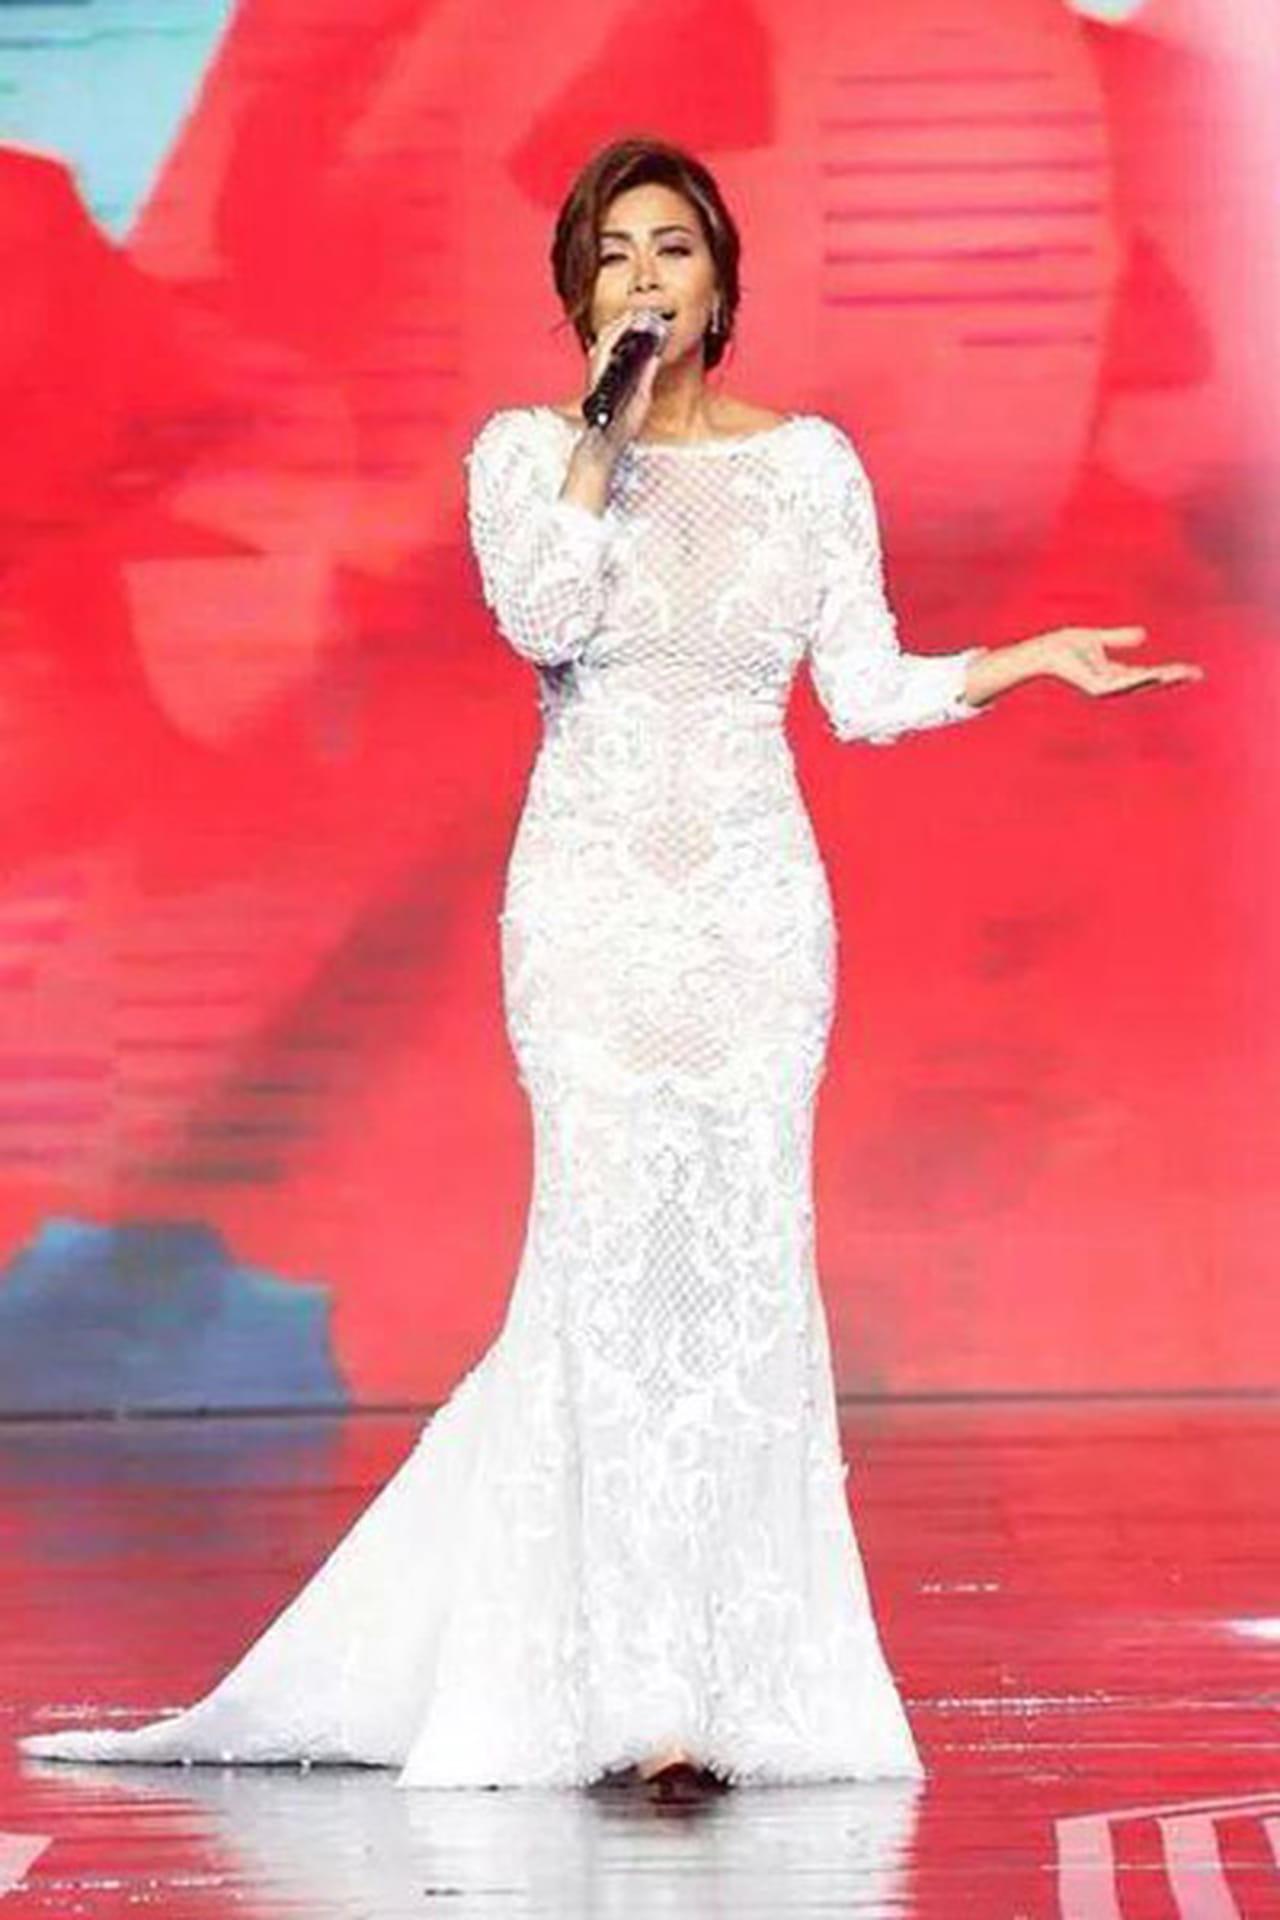 73fd9cff4 فستان أبيض ساحر مشغول بالدانتيل من توقيع المصمم اللبناني نيكولا جبران